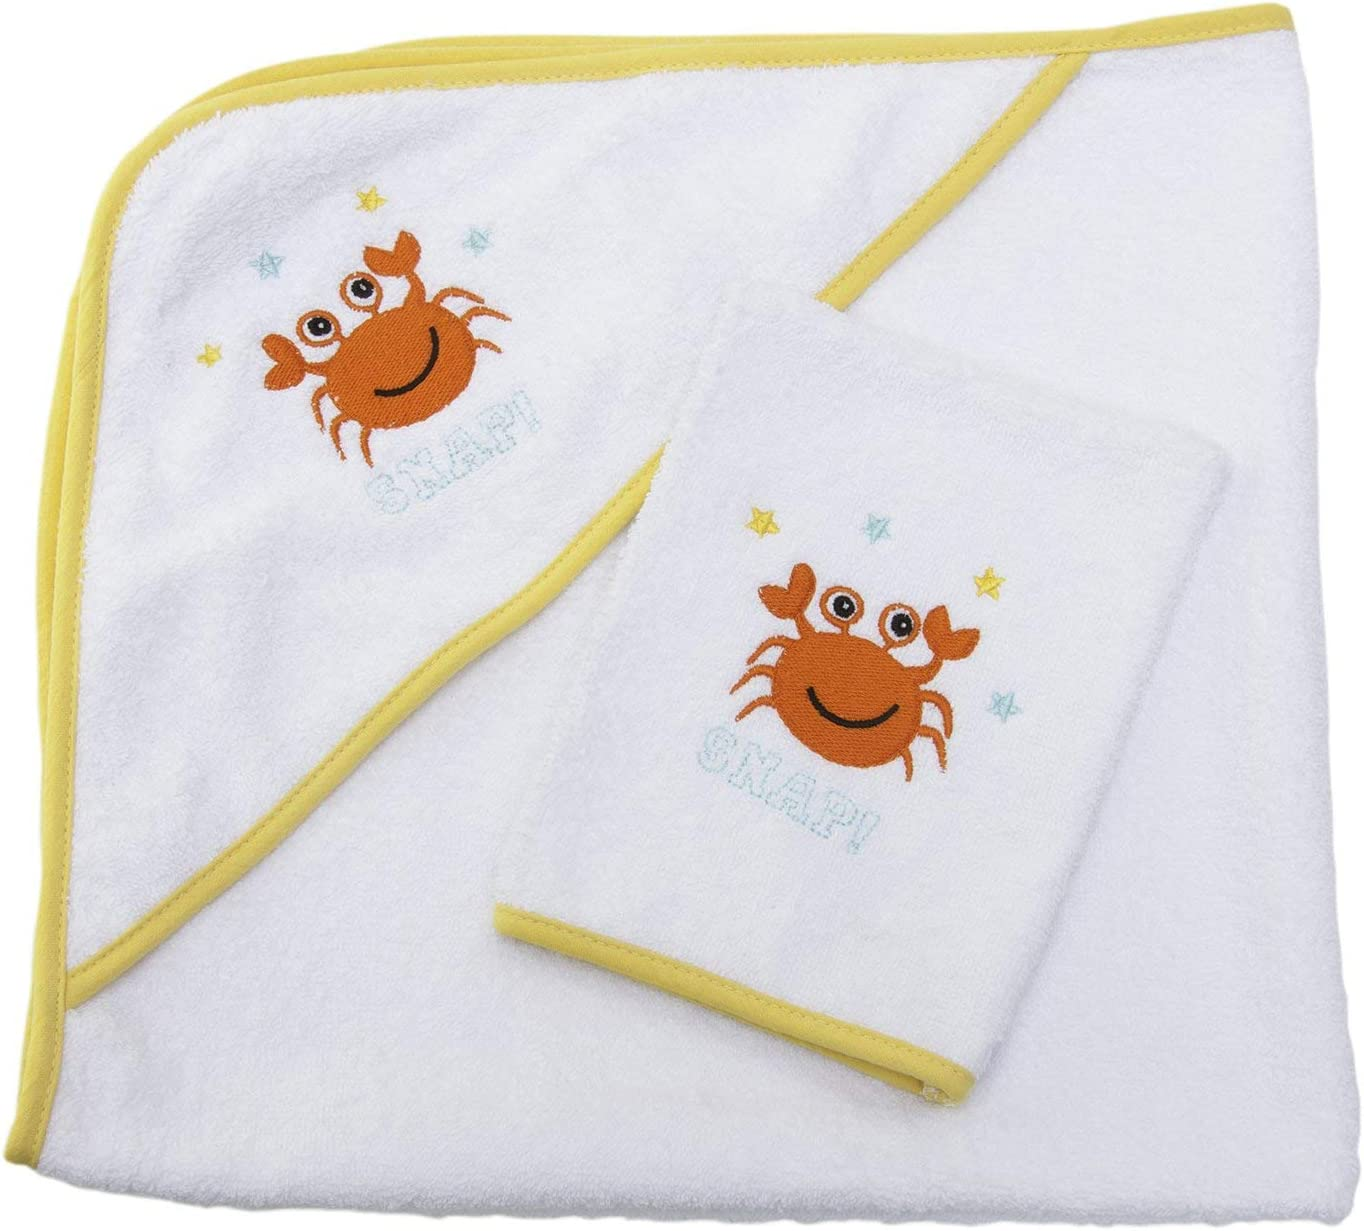 realizzato in Portogallo beige 90/% cotone 10/% poliestere con cappuccio e guanto Pekitas 75 x 75 cm disegno ricamato Mantellina da bagno per neonato